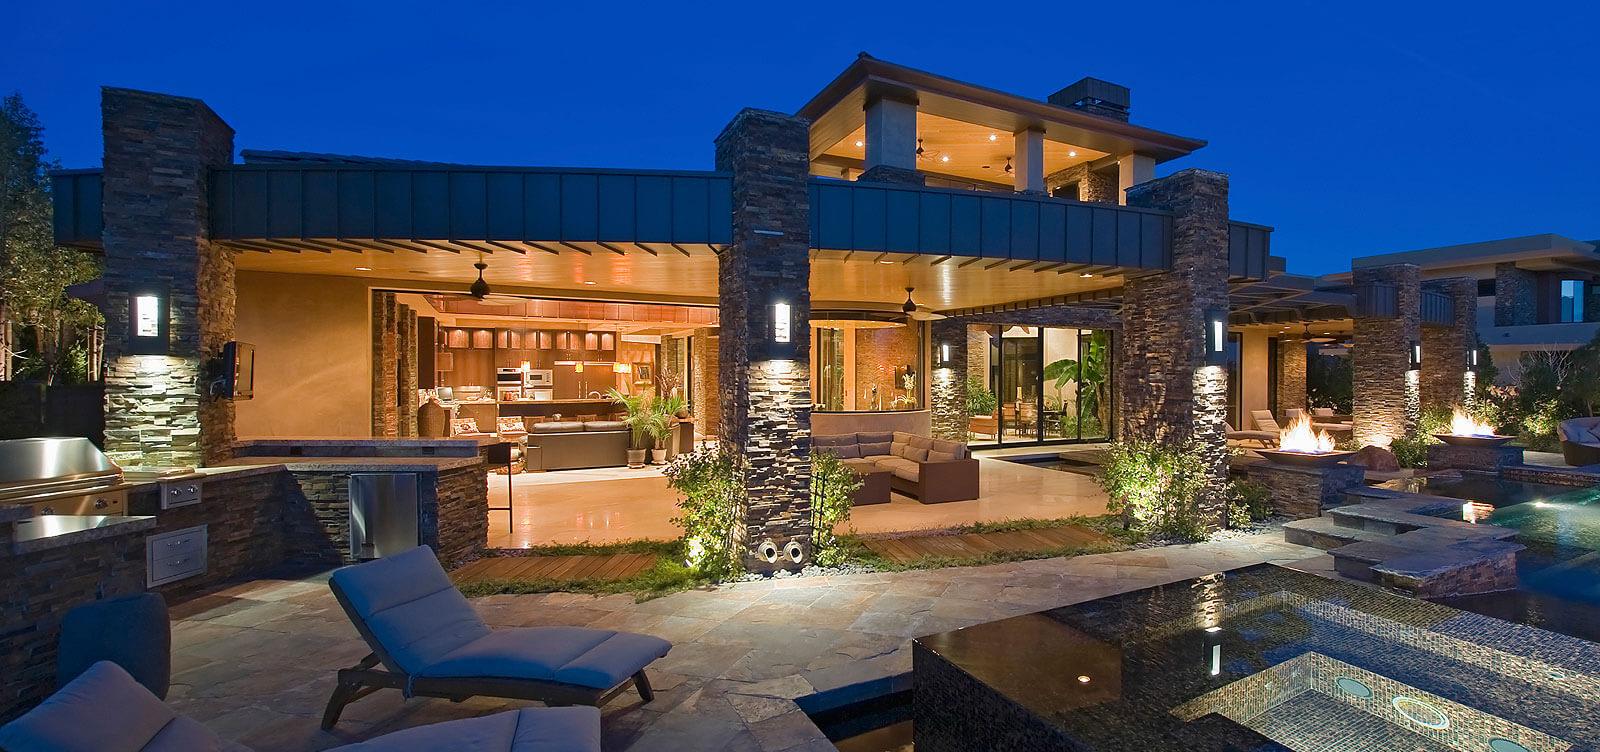 Loralee Wood Homes For Sale In Las Vegas Nv